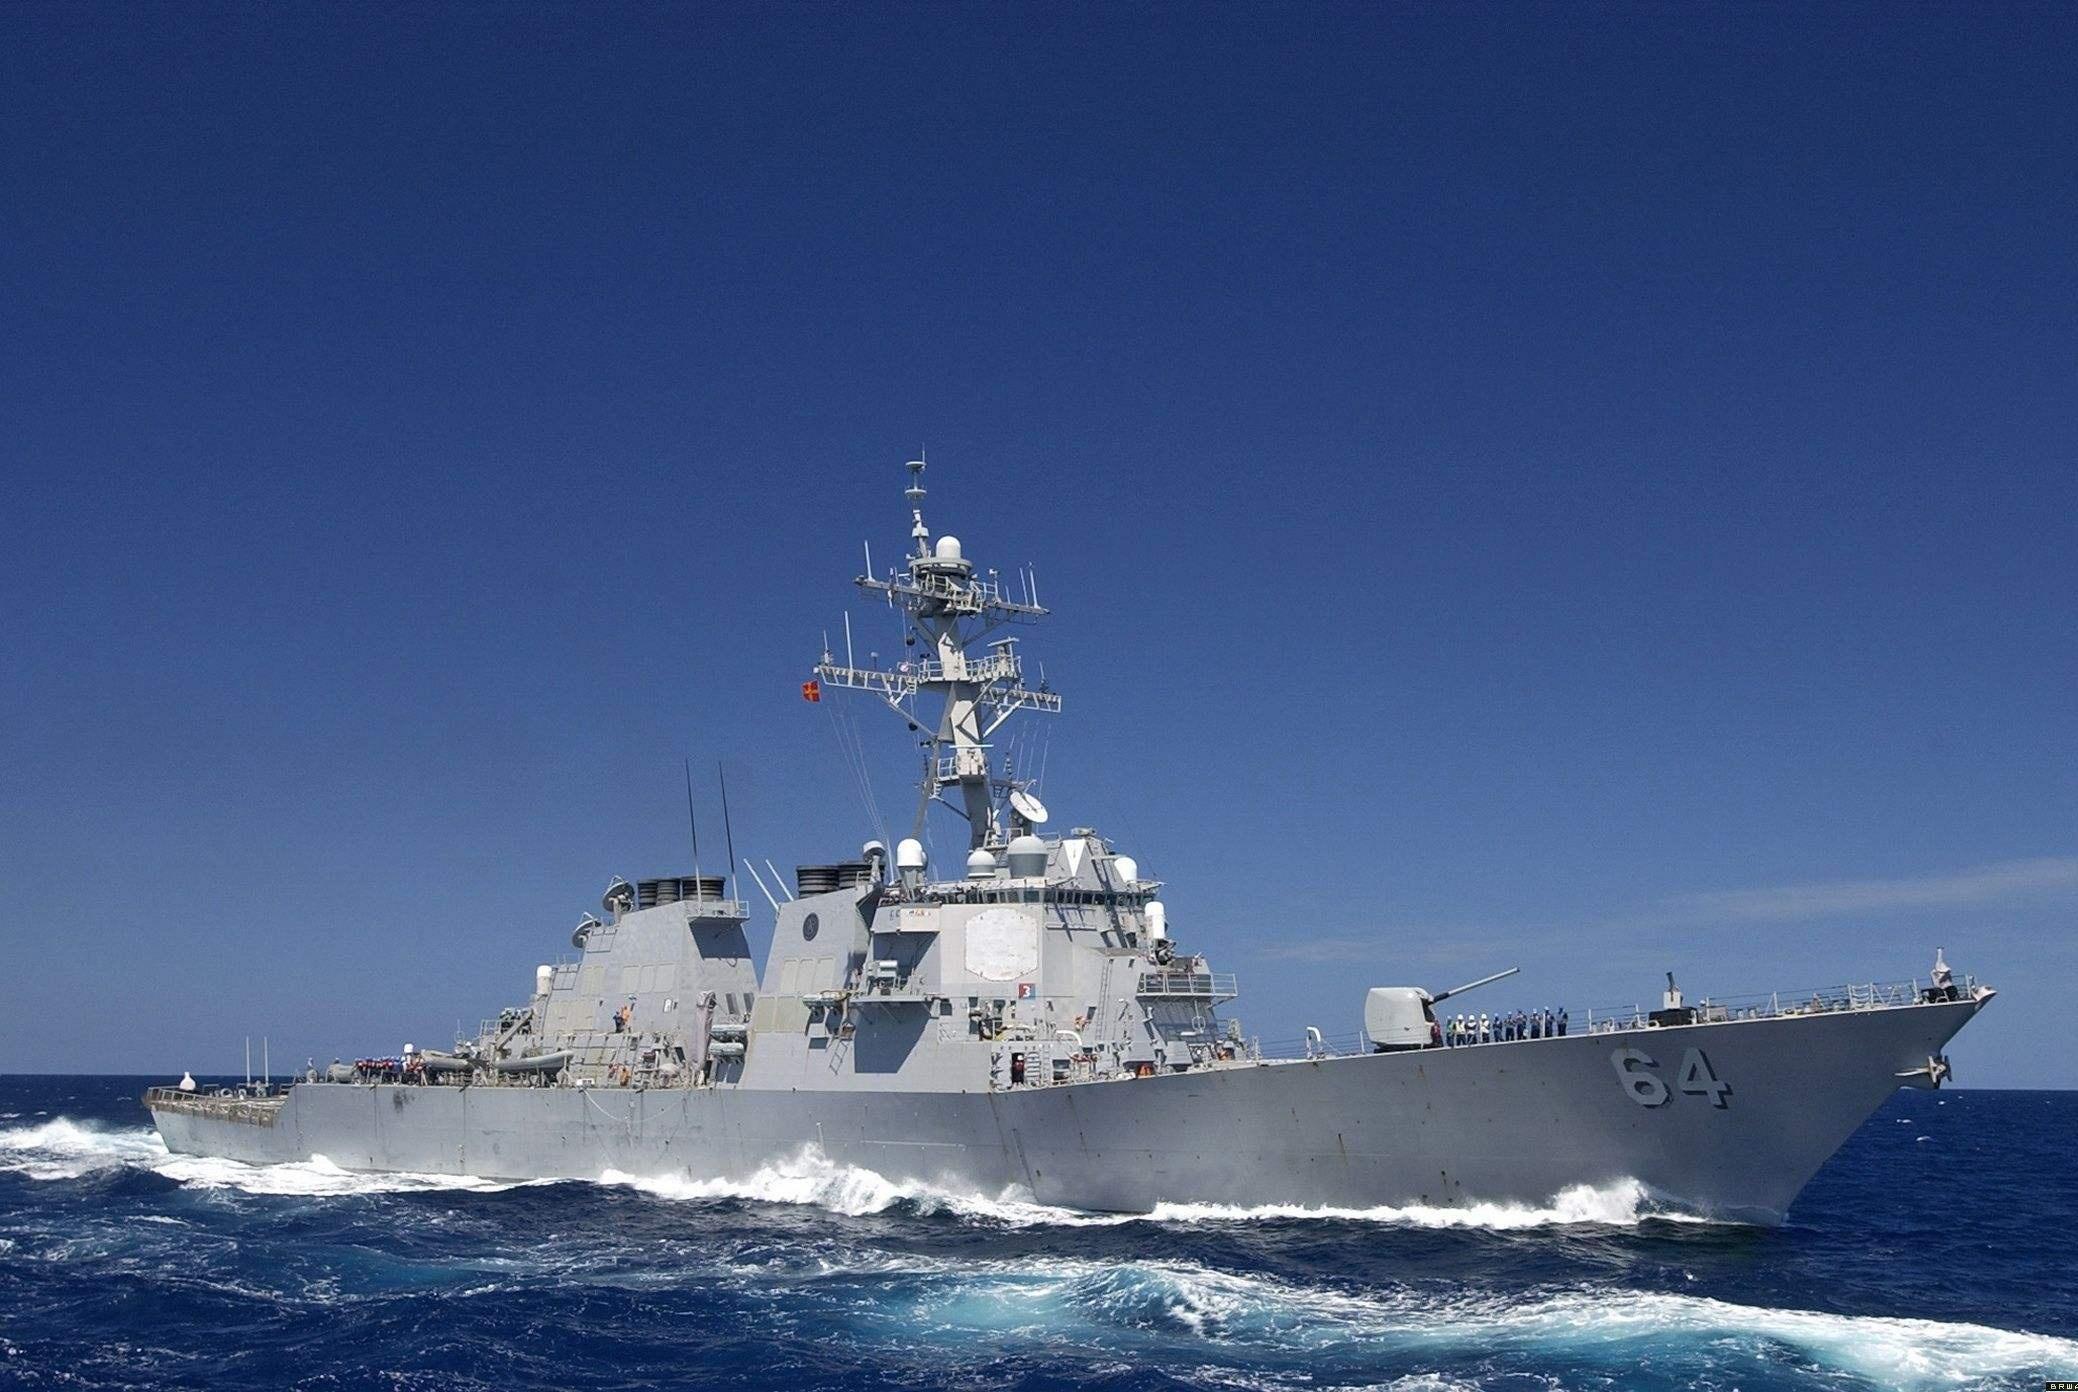 福特航母迎来噩梦,三艘驱逐舰也得不偿失,美海军实力恐将打折扣